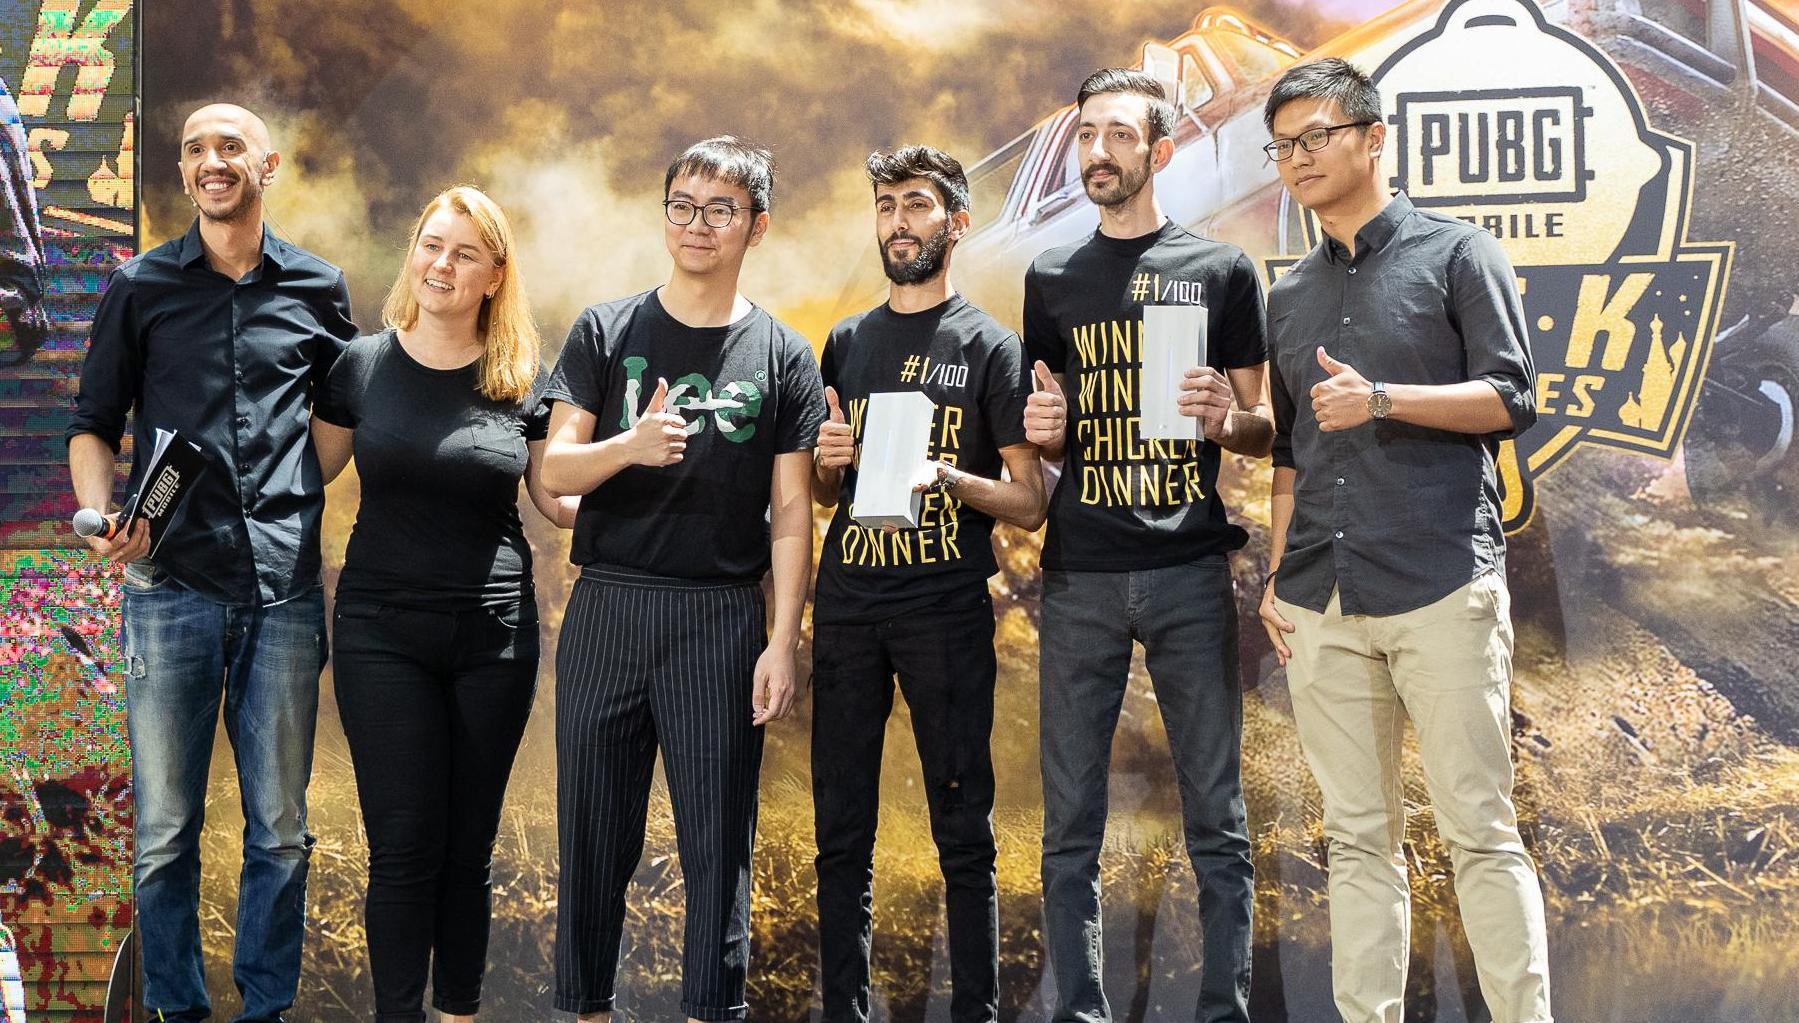 Türk takımı PUBG Mobile'da dördüncülüğü kaptı